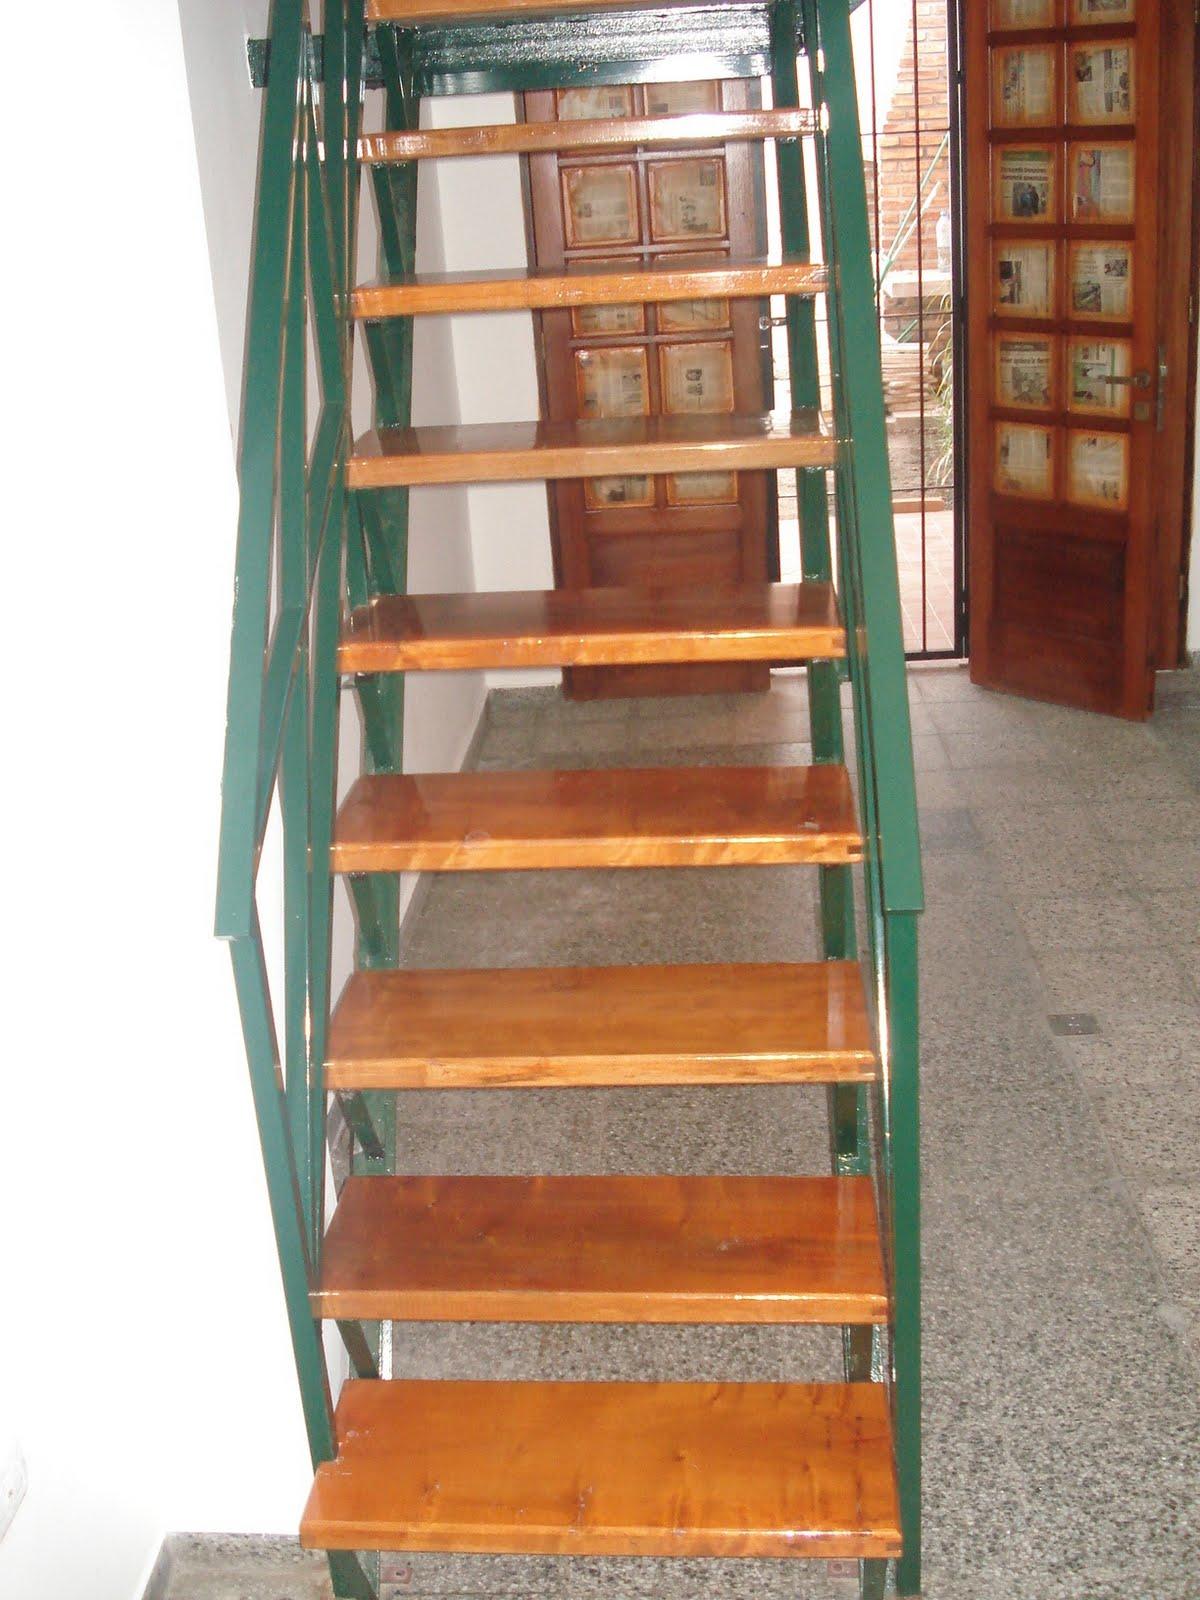 Dise o y construcci n de muebles escaleras - Muebles en escalera ...